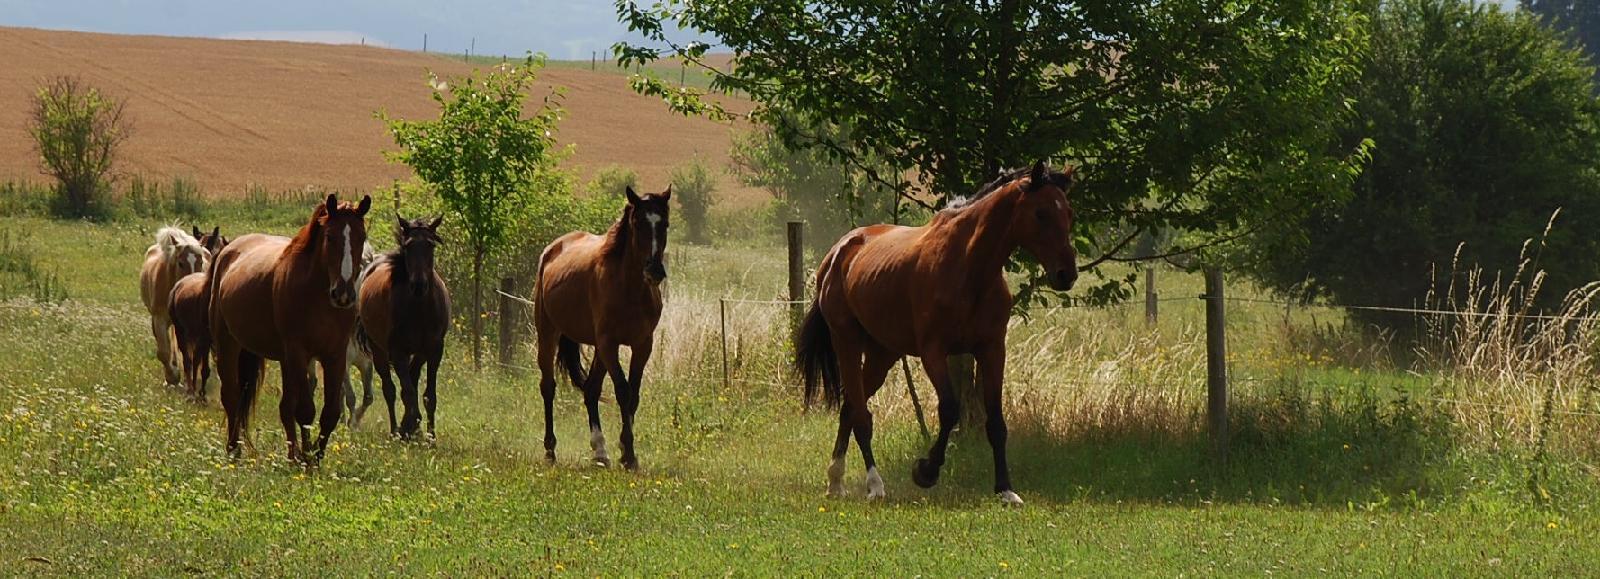 Koně na pastvině II